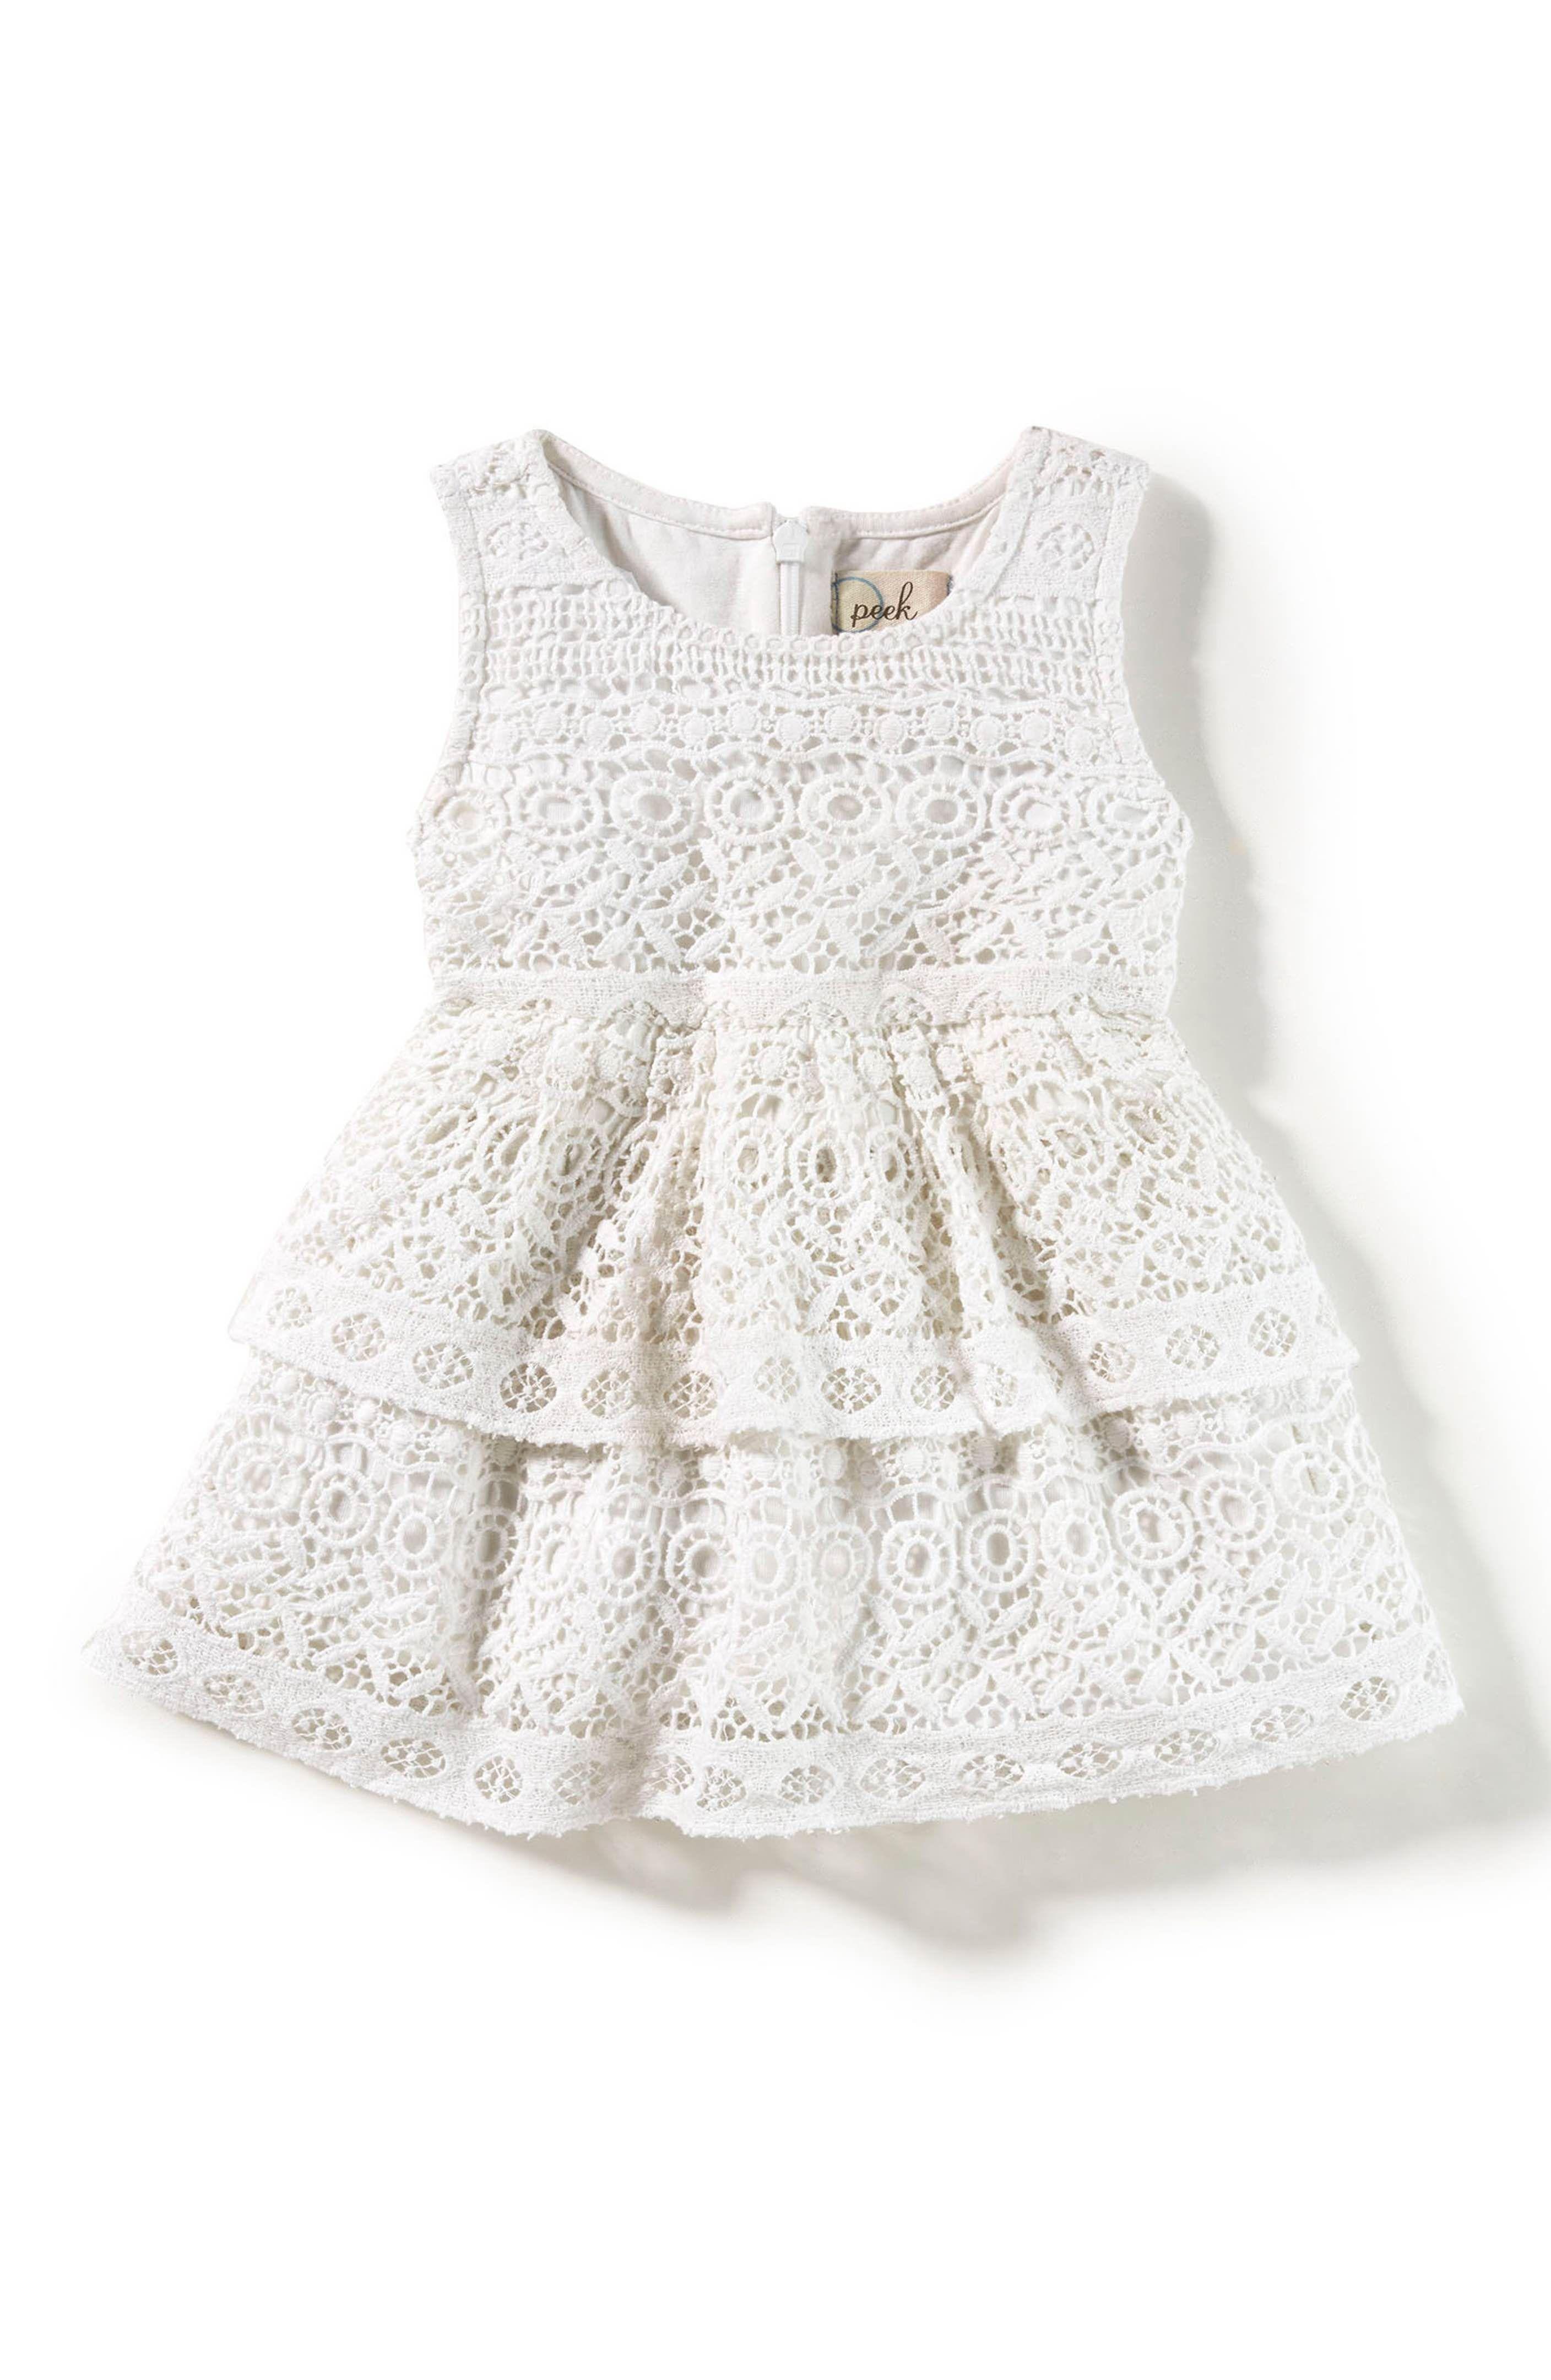 Main Image Peek Tessa Tiered Lace Dress Baby Girls